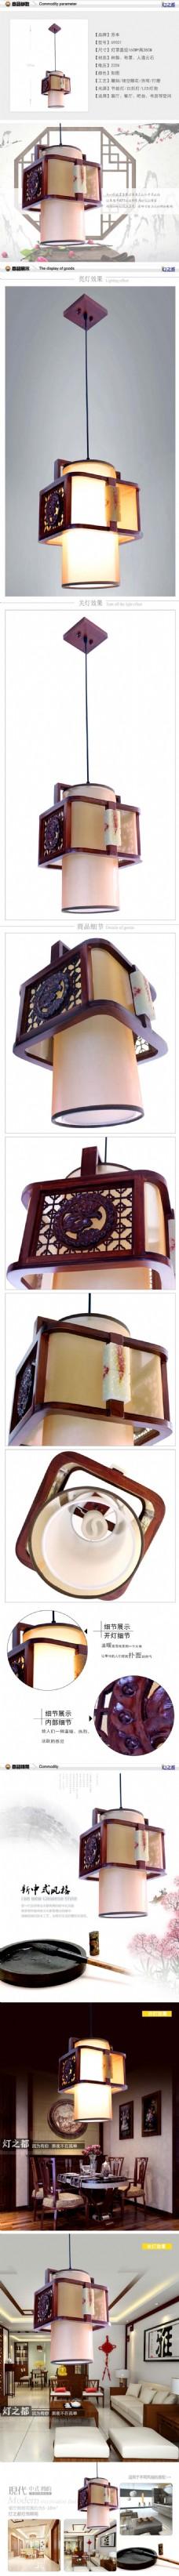 复古式吊灯-灯具描述